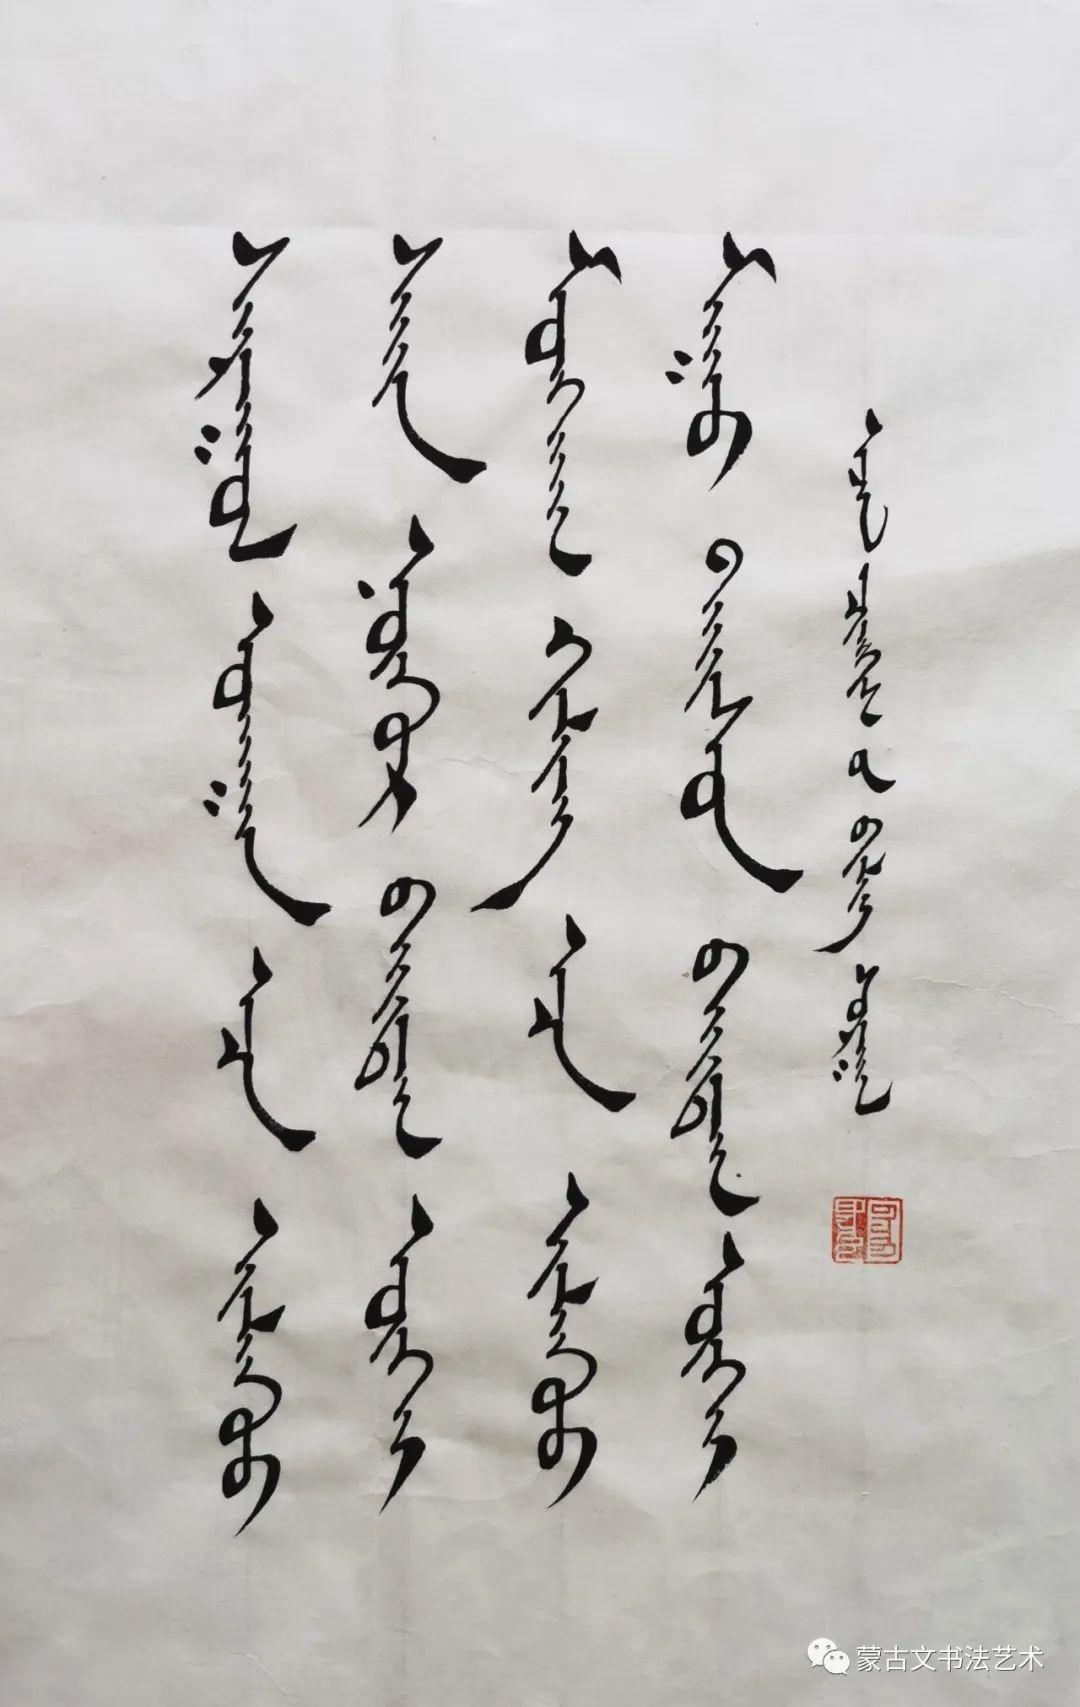 包巴雅尔蒙古文书法作品 第5张 包巴雅尔蒙古文书法作品 蒙古书法